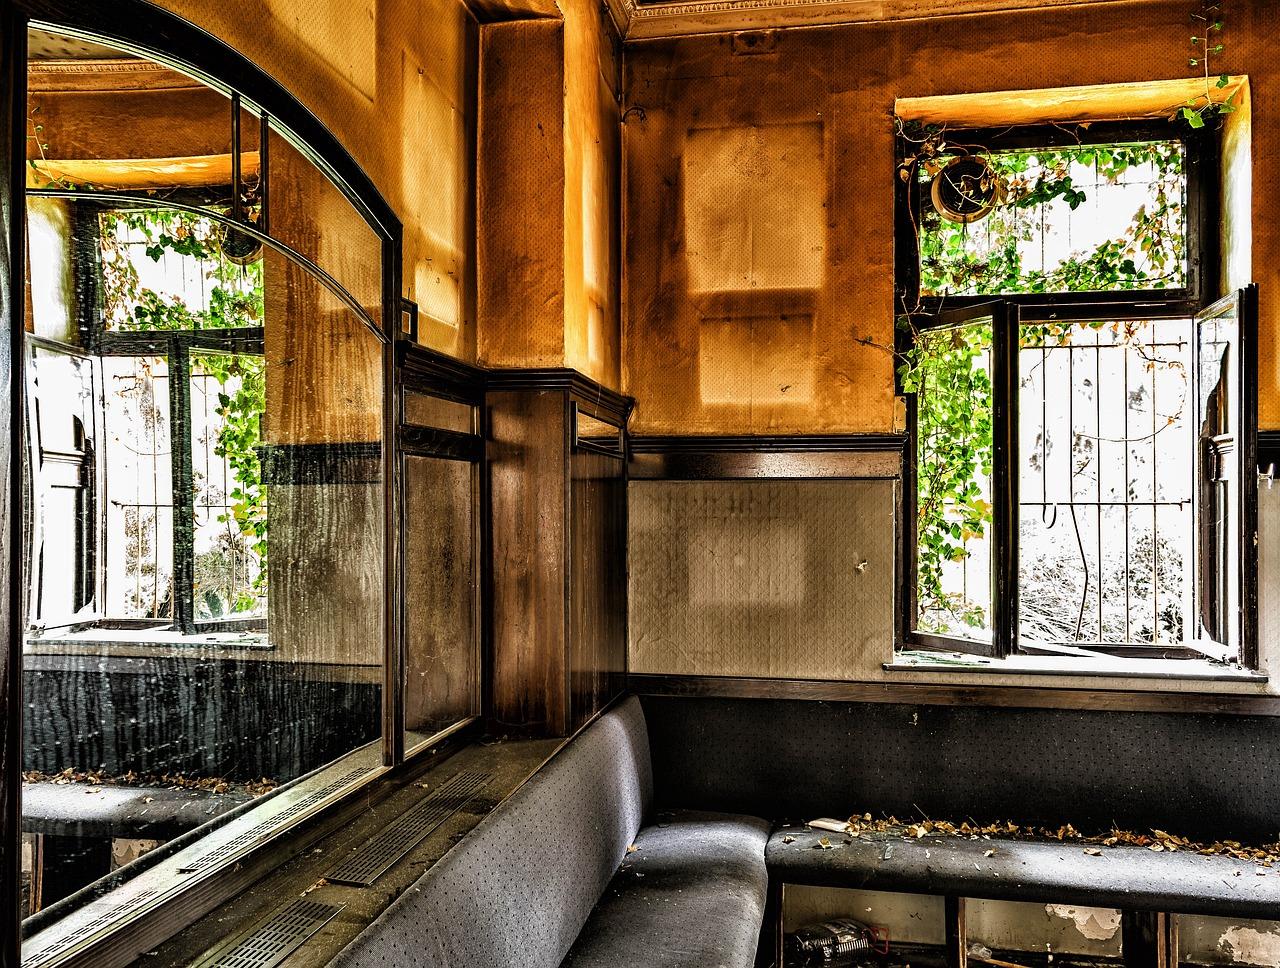 Das Bild zeigt eine aufgegebene Gastwirtschaft.